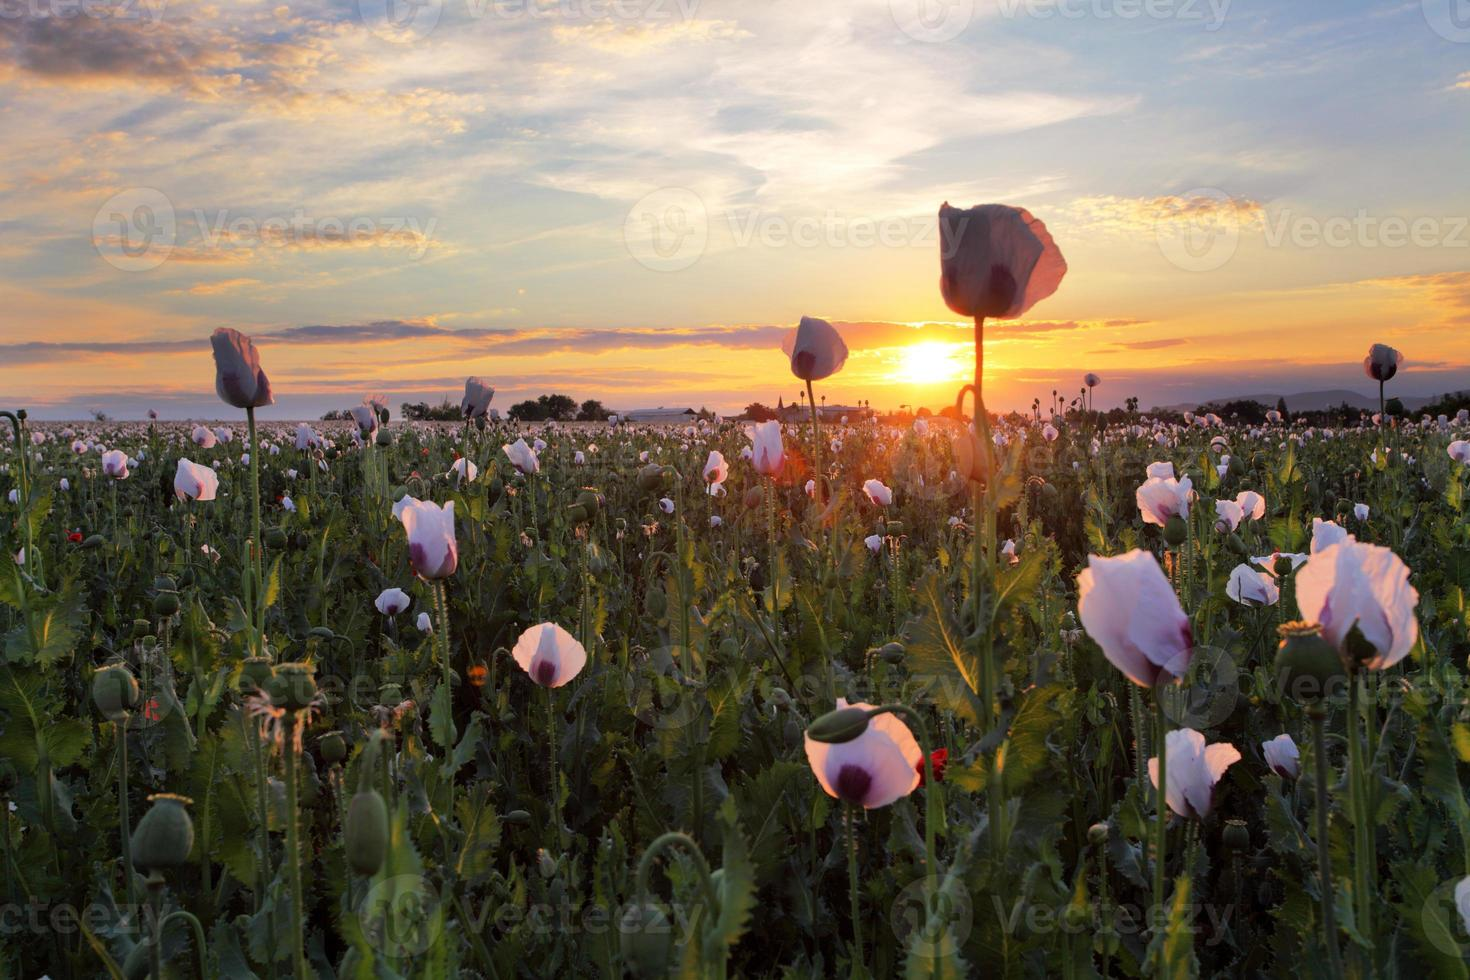 vallmofält vid solnedgången foto